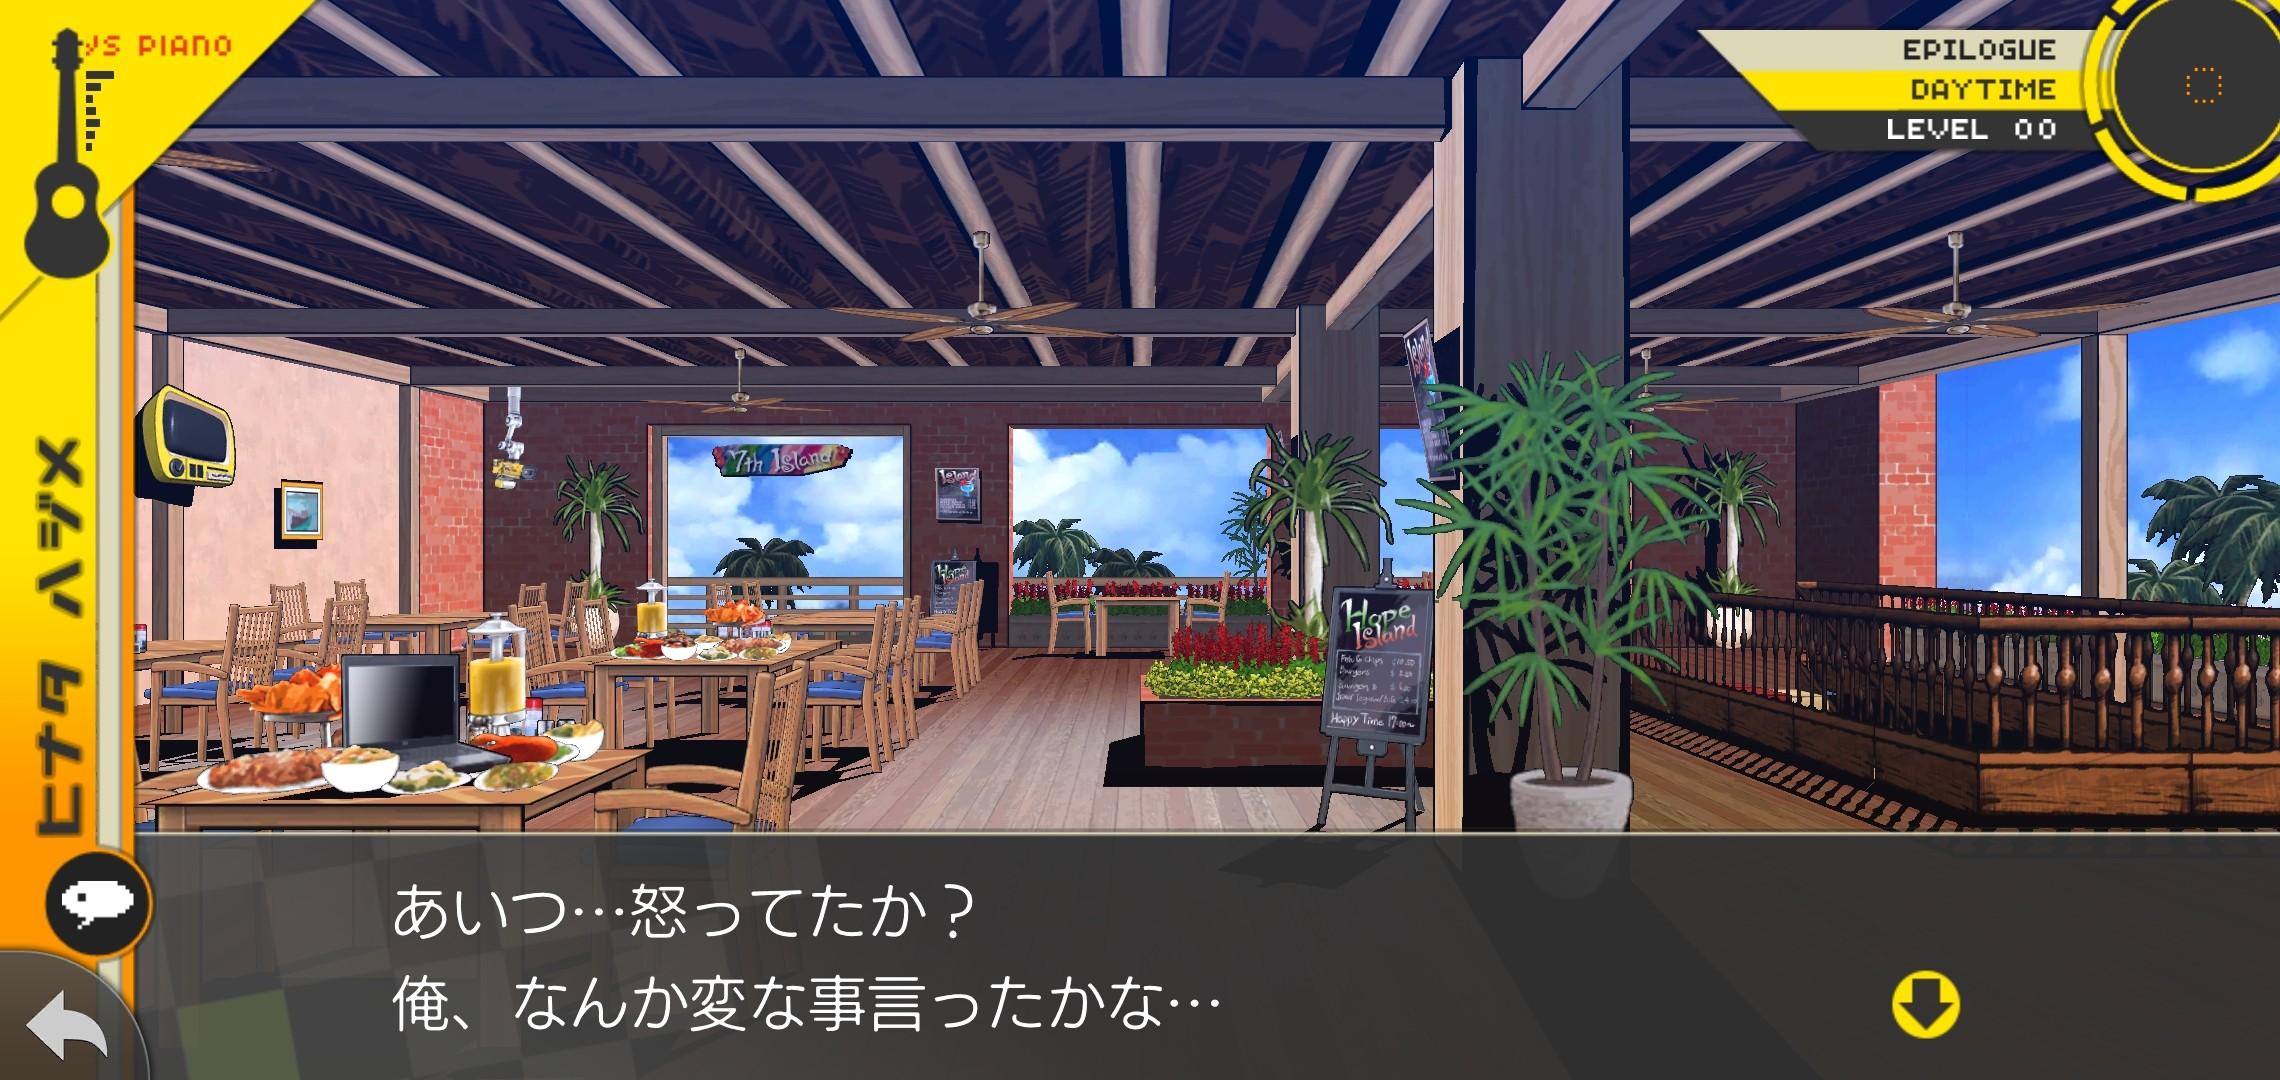 f:id:Rinburu:20201207224300j:plain